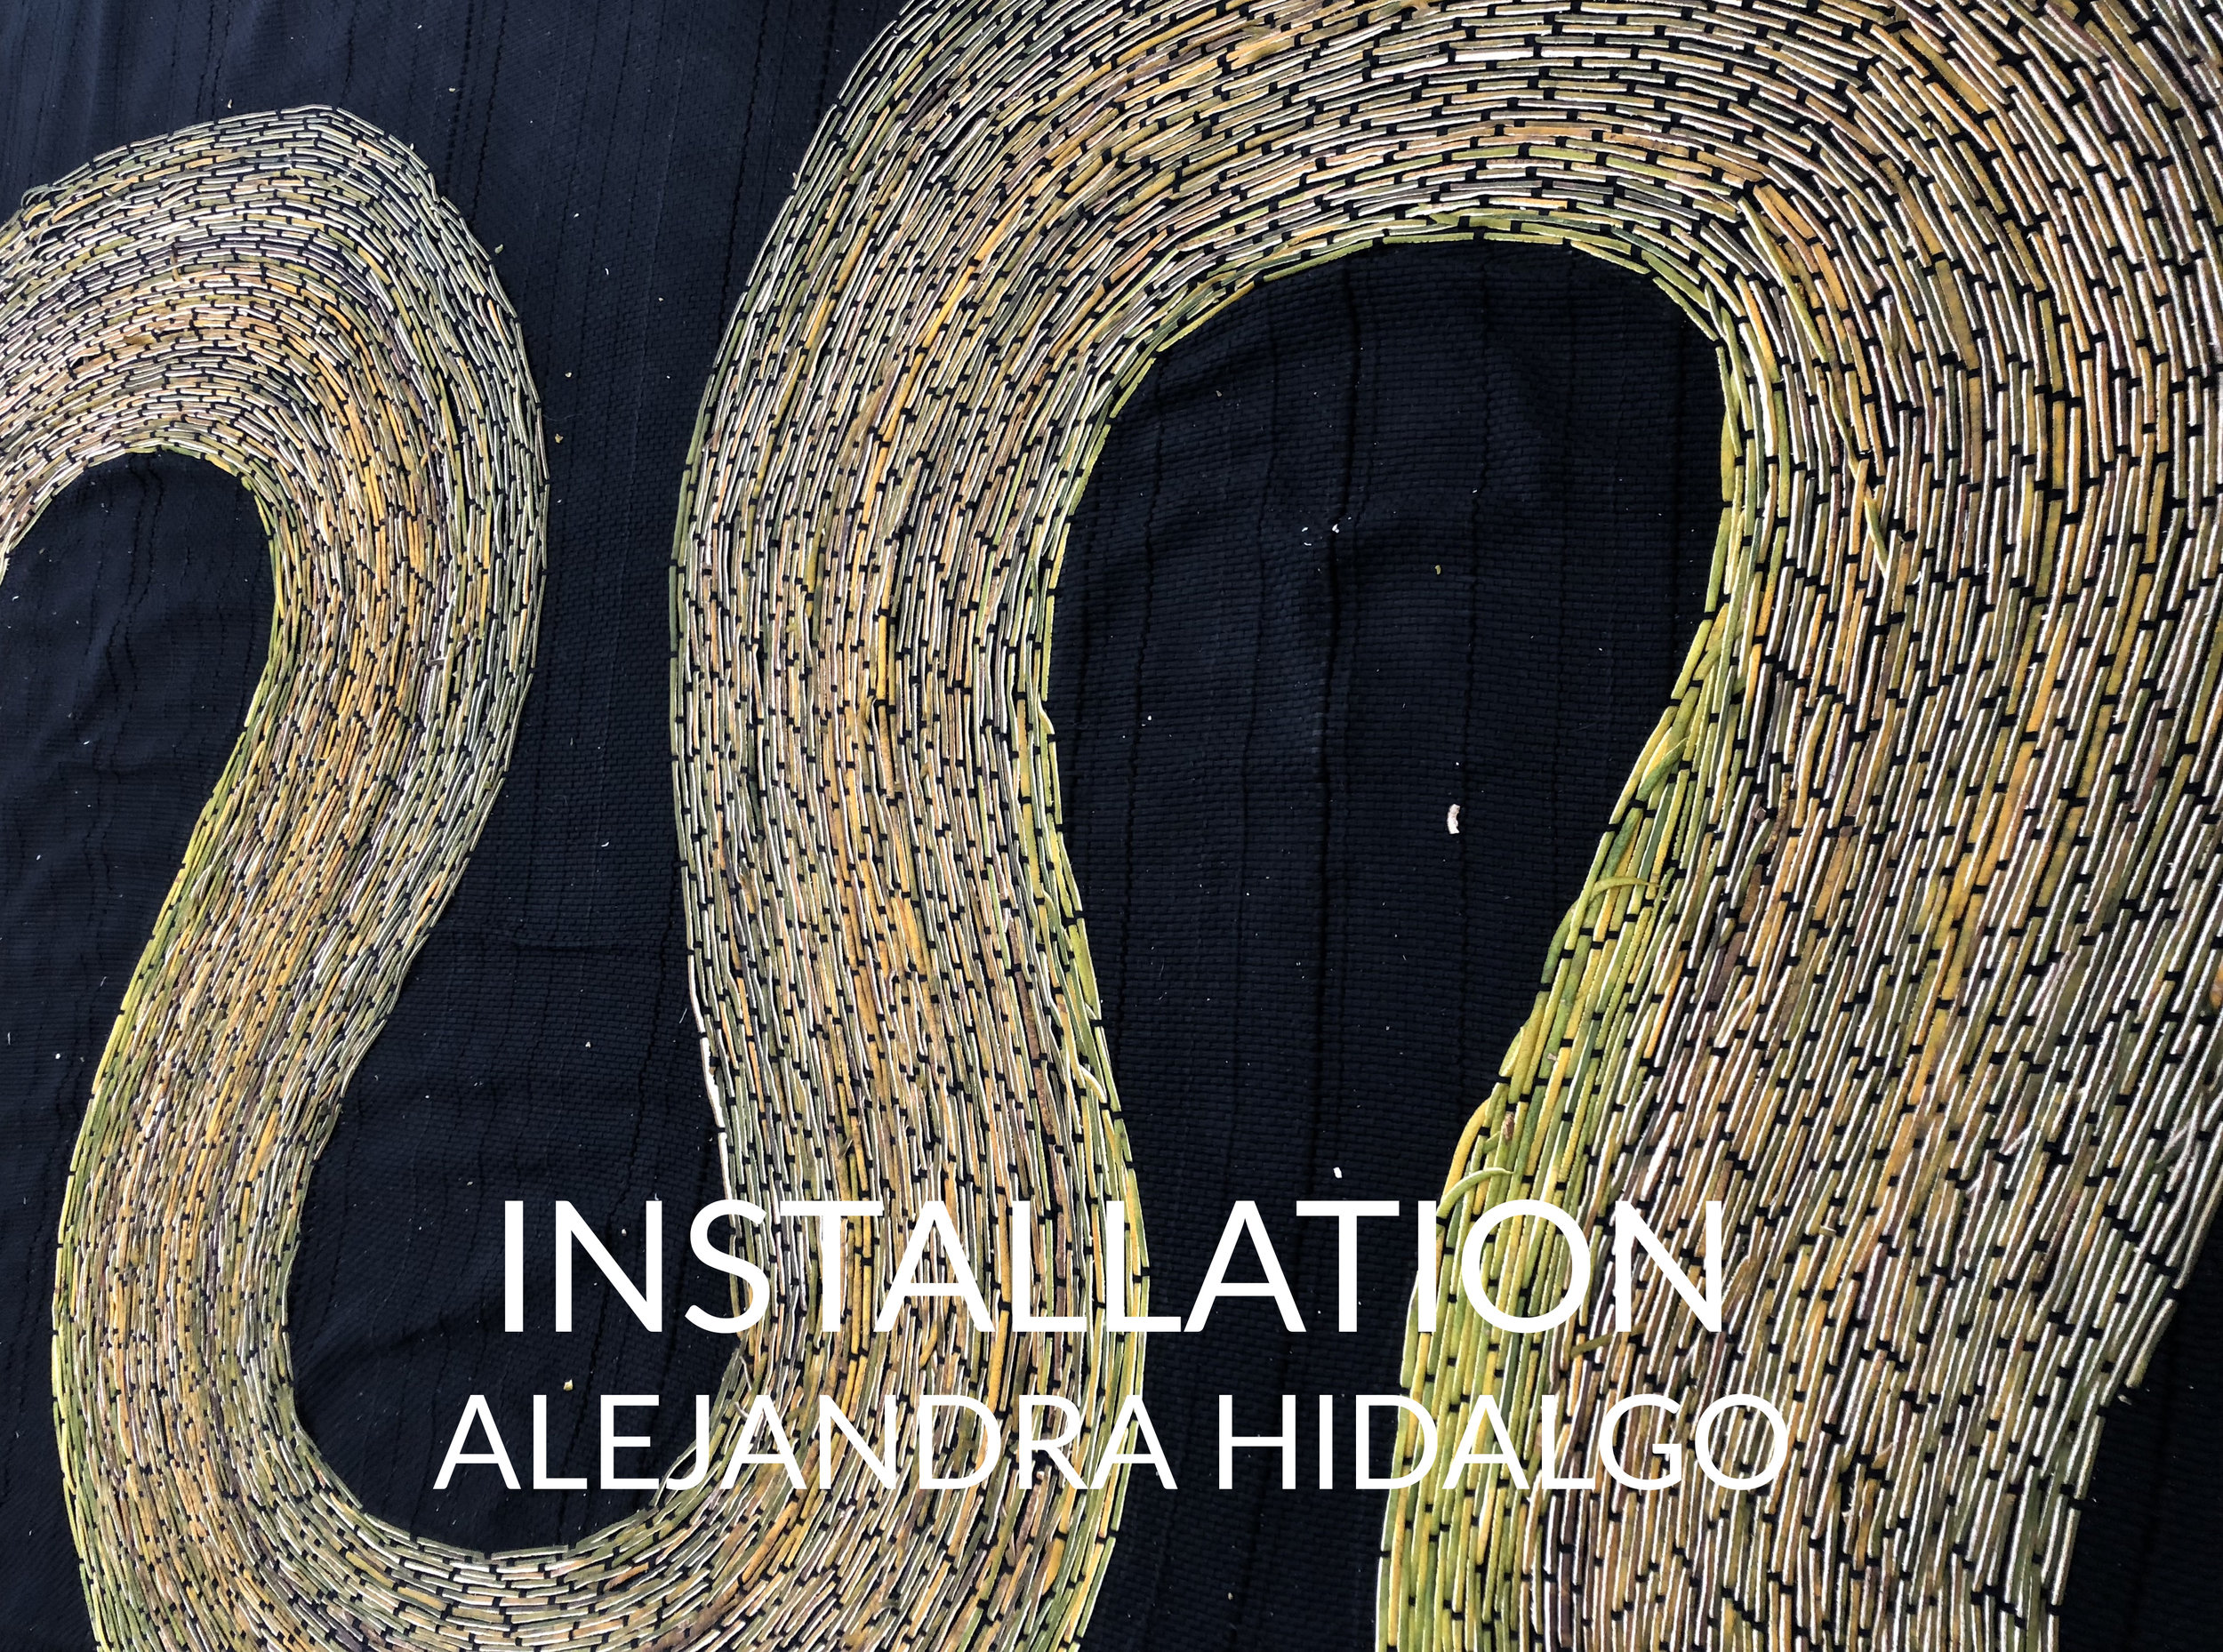 AlejandraInstallationweb.jpg